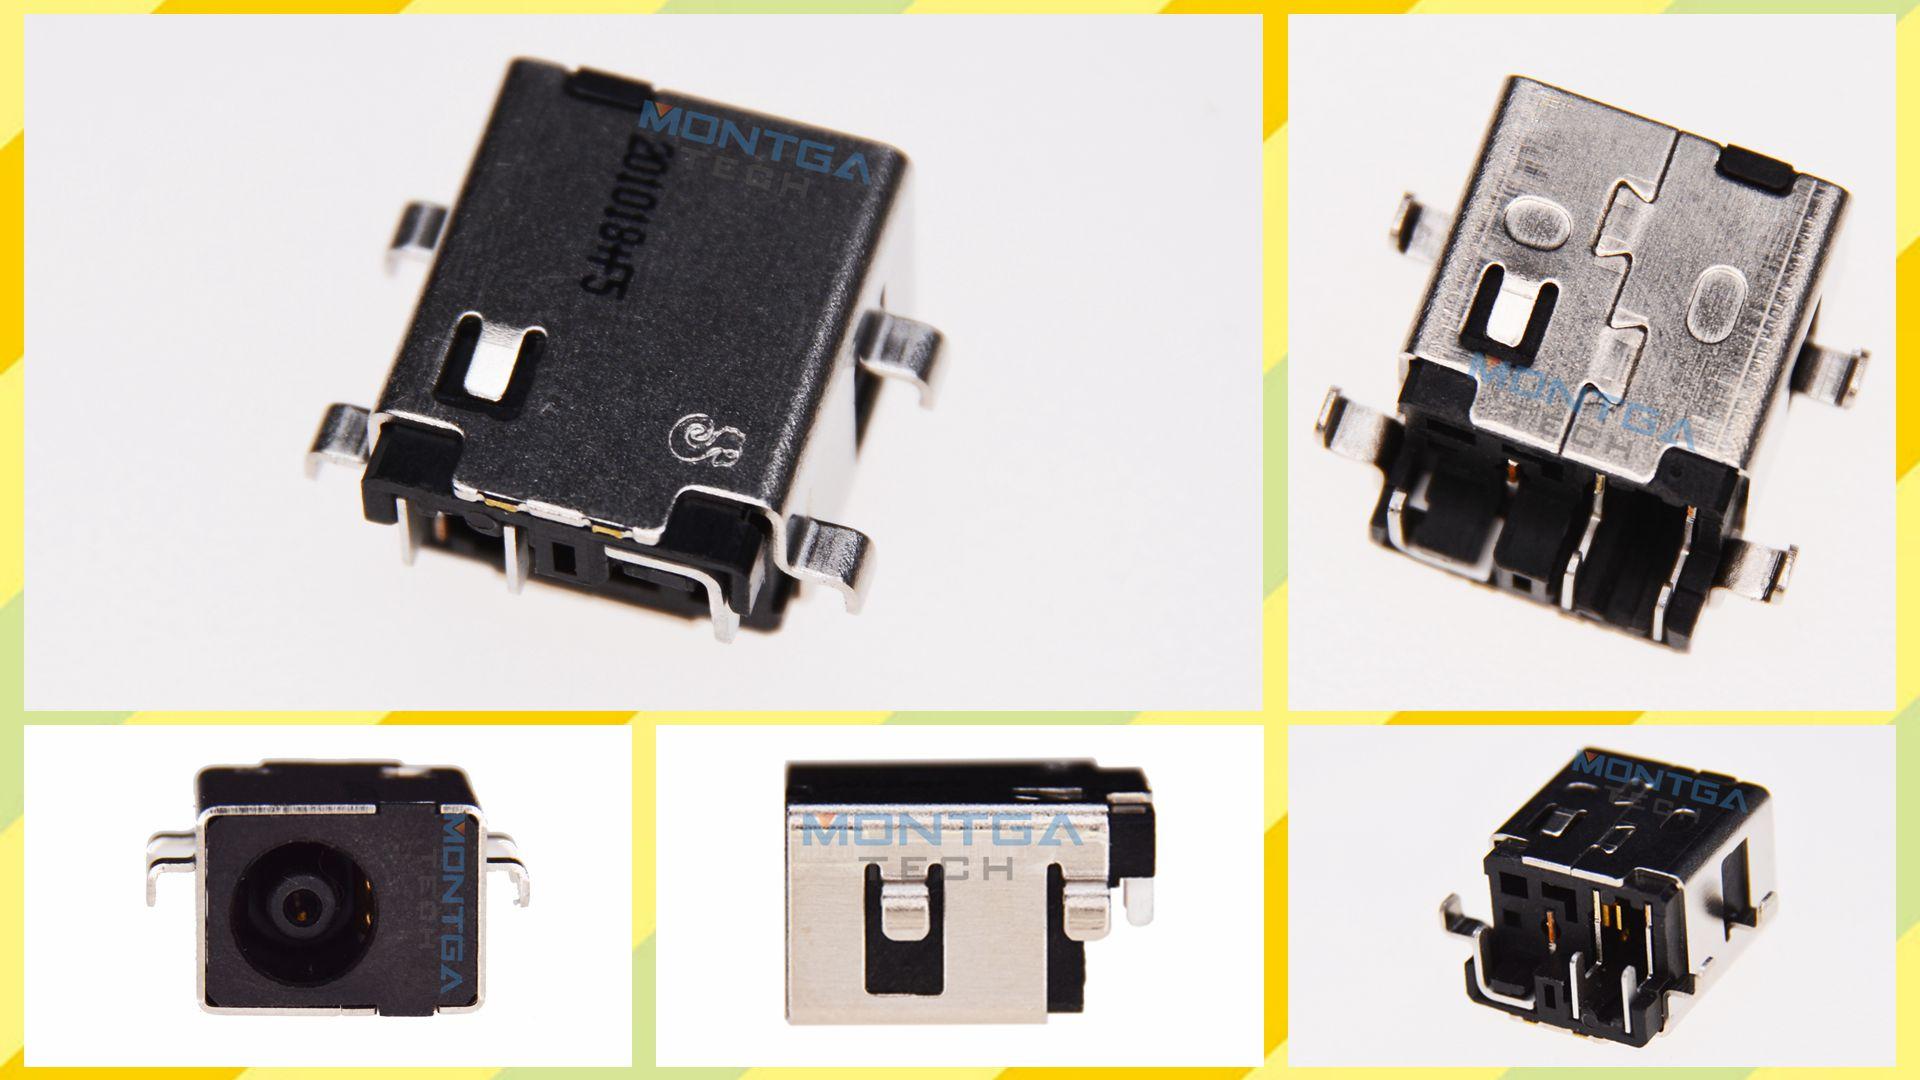 Samsung NP940Z5L charging connector, Samsung NP940Z5L DC Power Jack, Samsung NP940Z5L Power Jack, Samsung NP940Z5L plug, Samsung NP940Z5L Jack socket, Samsung NP940Z5L connecteur de charge,